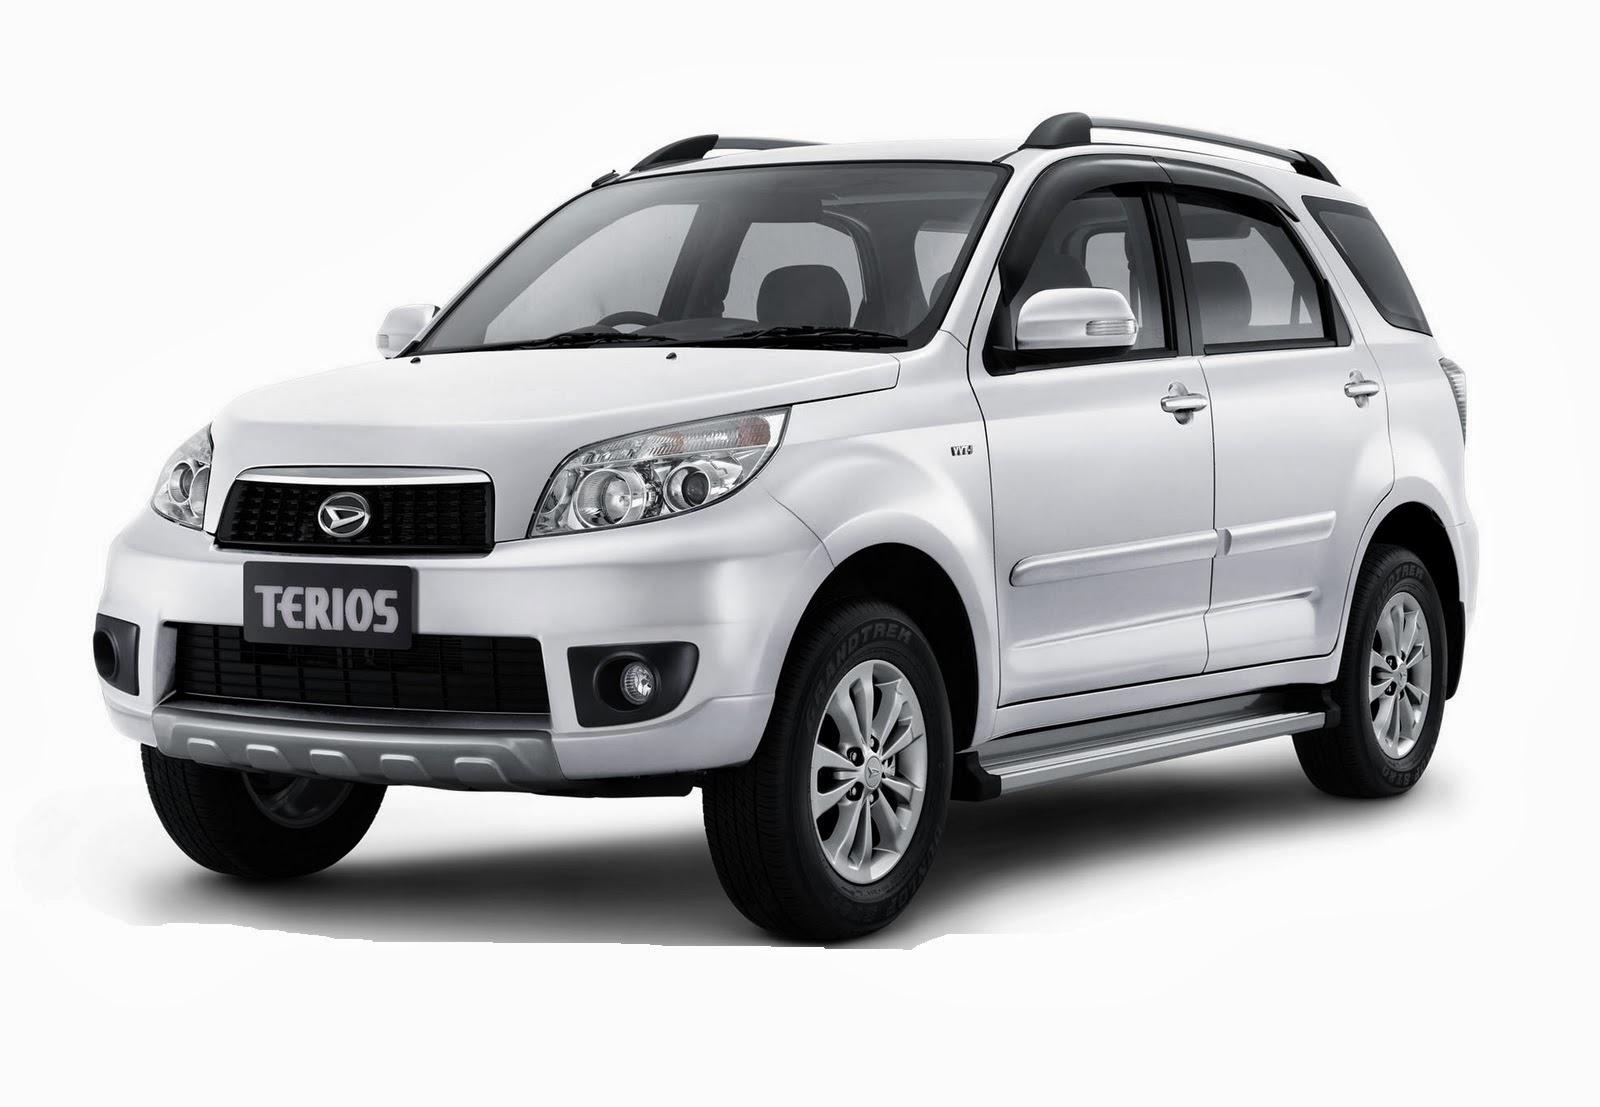 Harga Mobil Daihatsu Semua Tipe Baru dan Bekas Terkini 2014